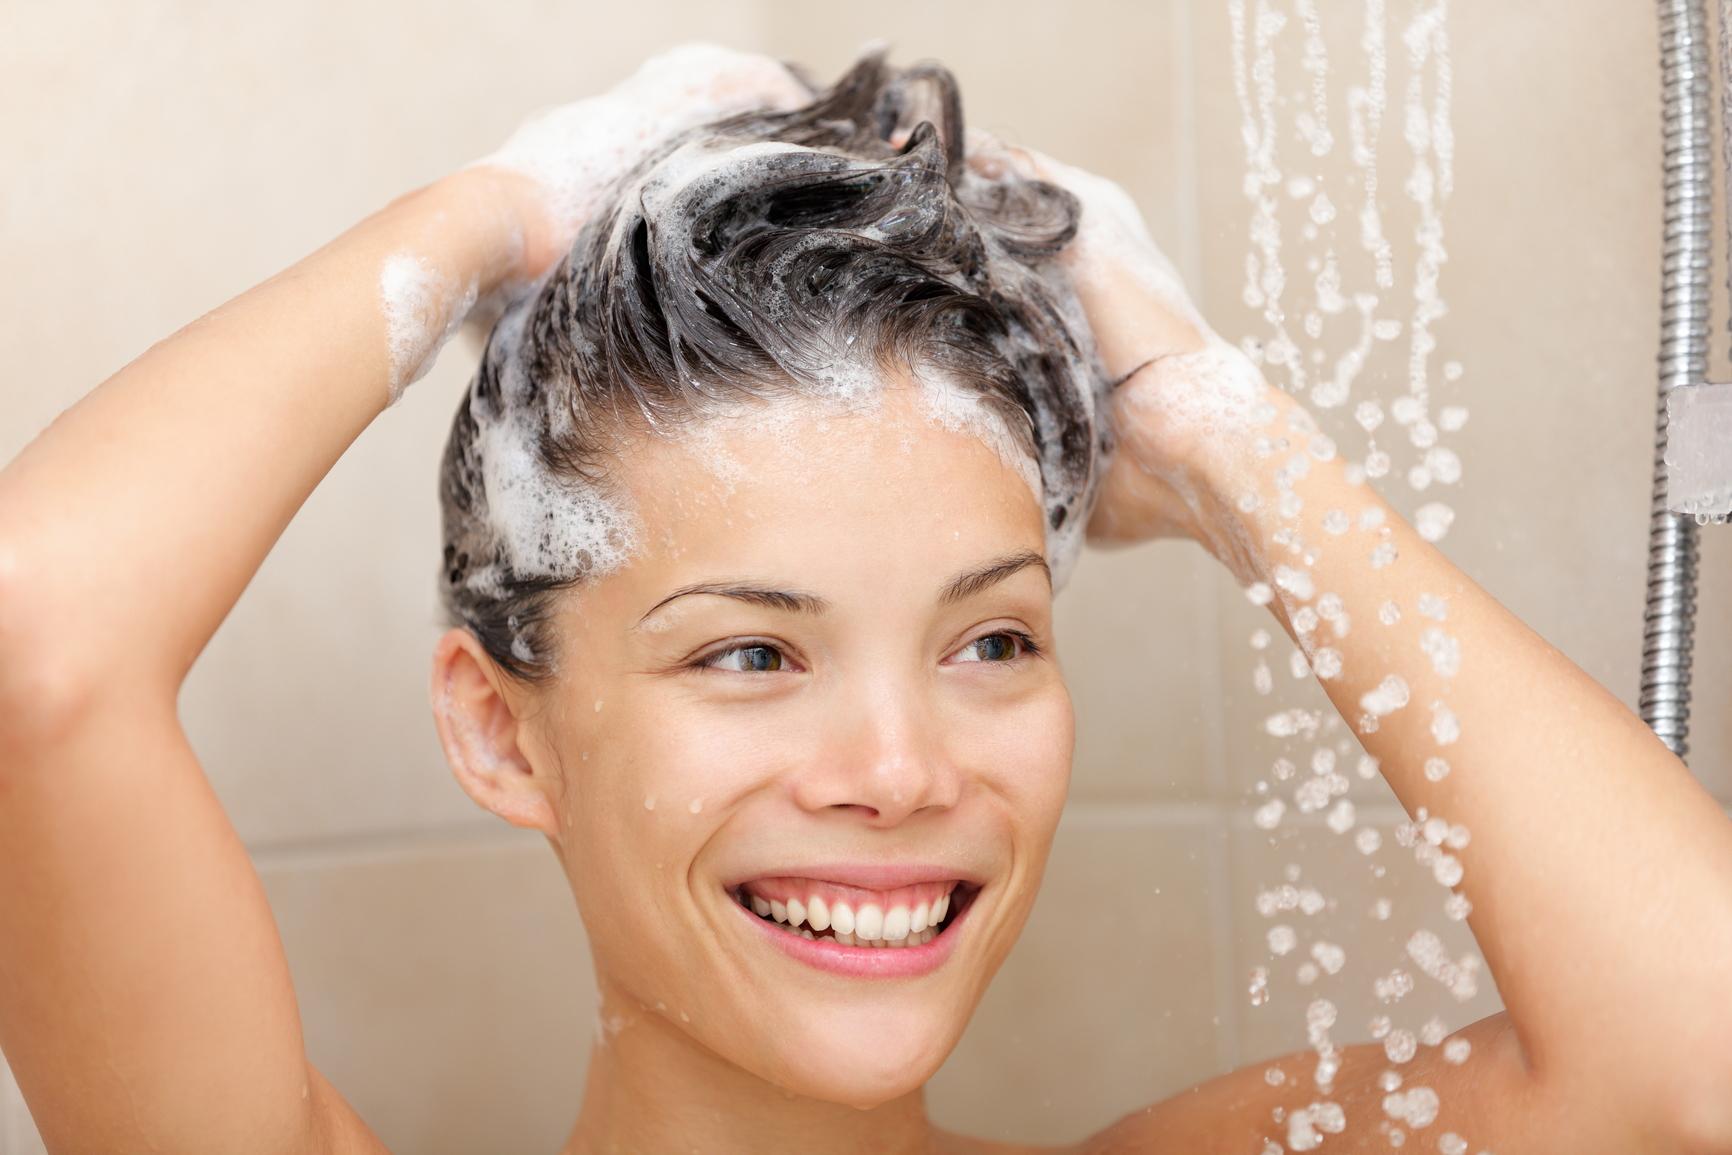 Как часто можно мыть голову - Красота и стиль - Секреты красоты - Мода и  Красота - IVONA - bigmir)net - IVONA bigmir)net